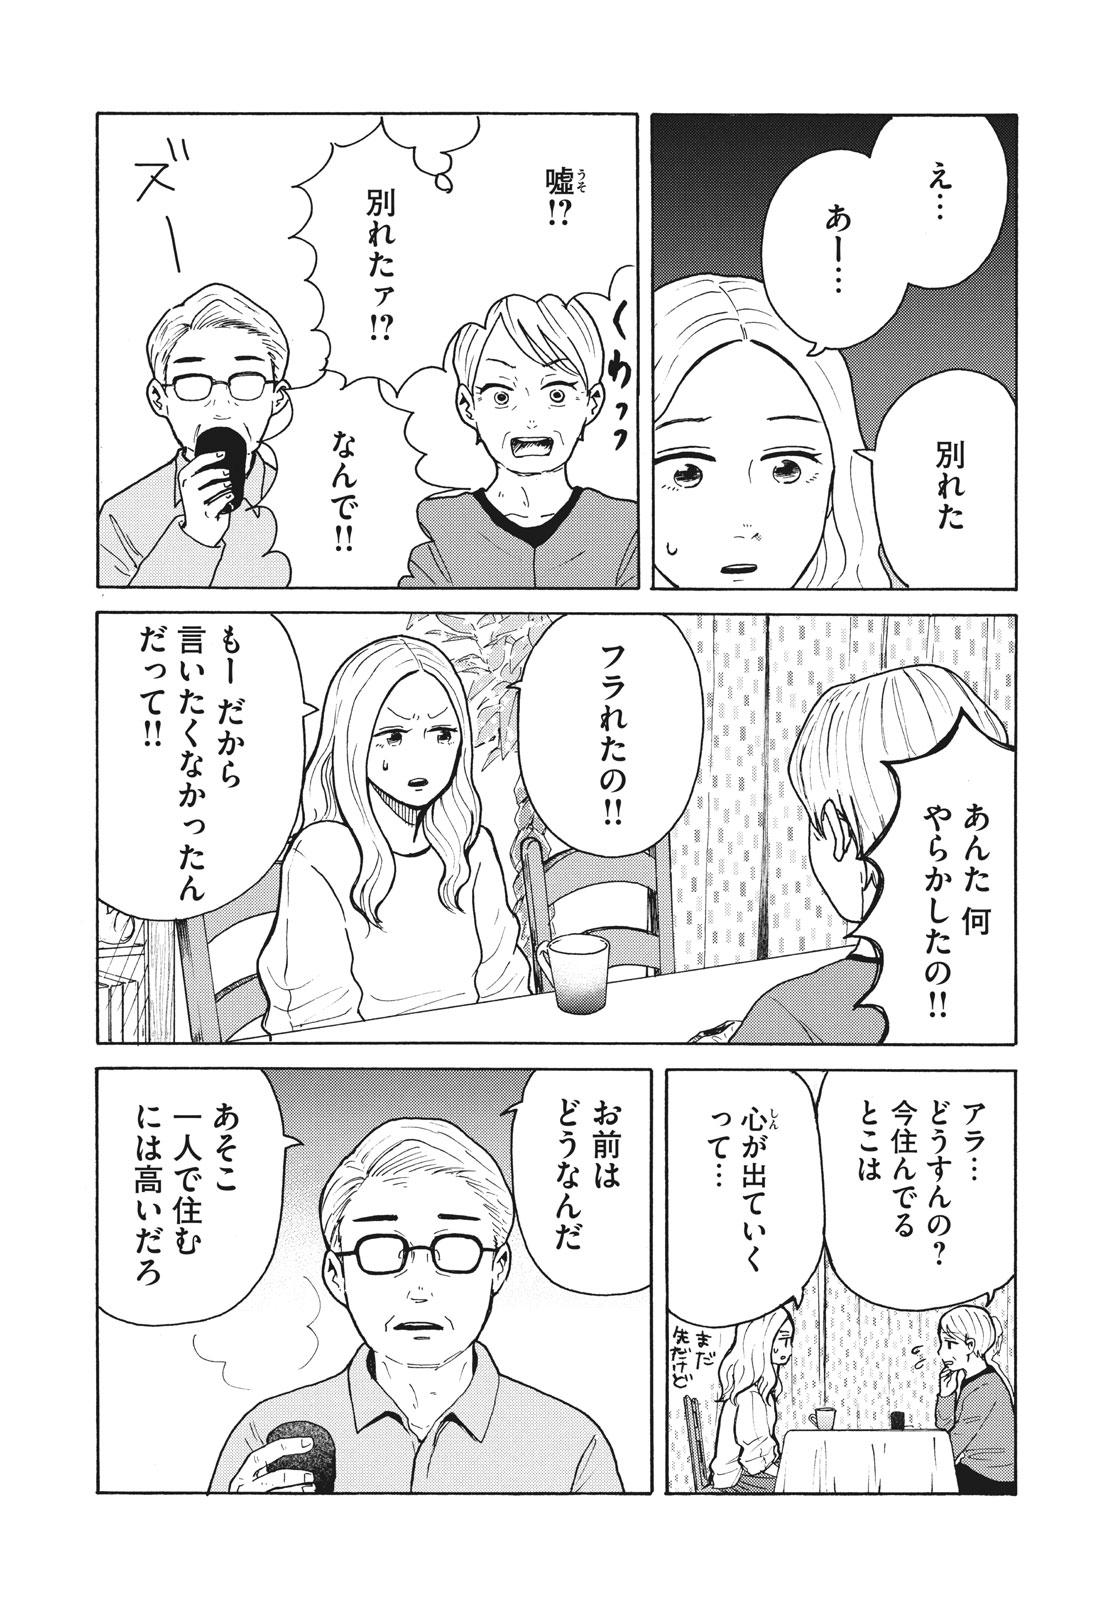 003_30日_2020_014_E.jpg